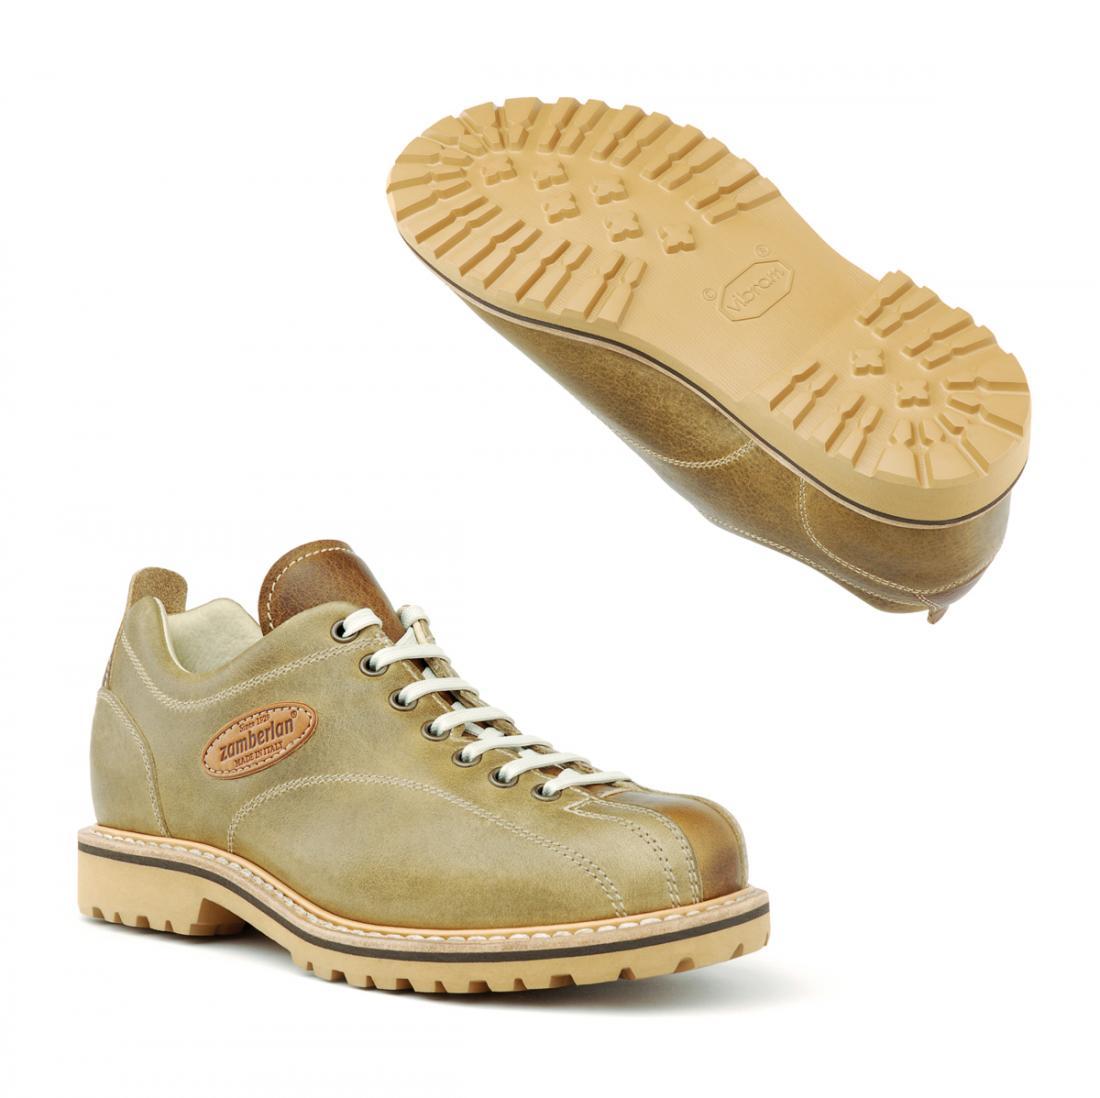 Ботинки 1120 CORTINA LOW GW WNSАльпинистские<br>Современные классические ботинки в городском стиле, созданные вручную мастерами Италии с применением специального метода конструкции Goodyear welted. Удобные и гибкие, они изготовлены с использованием уникальной конструкции обуви, мягкой телячьей кожи ...<br><br>Цвет: Бежевый<br>Размер: 38